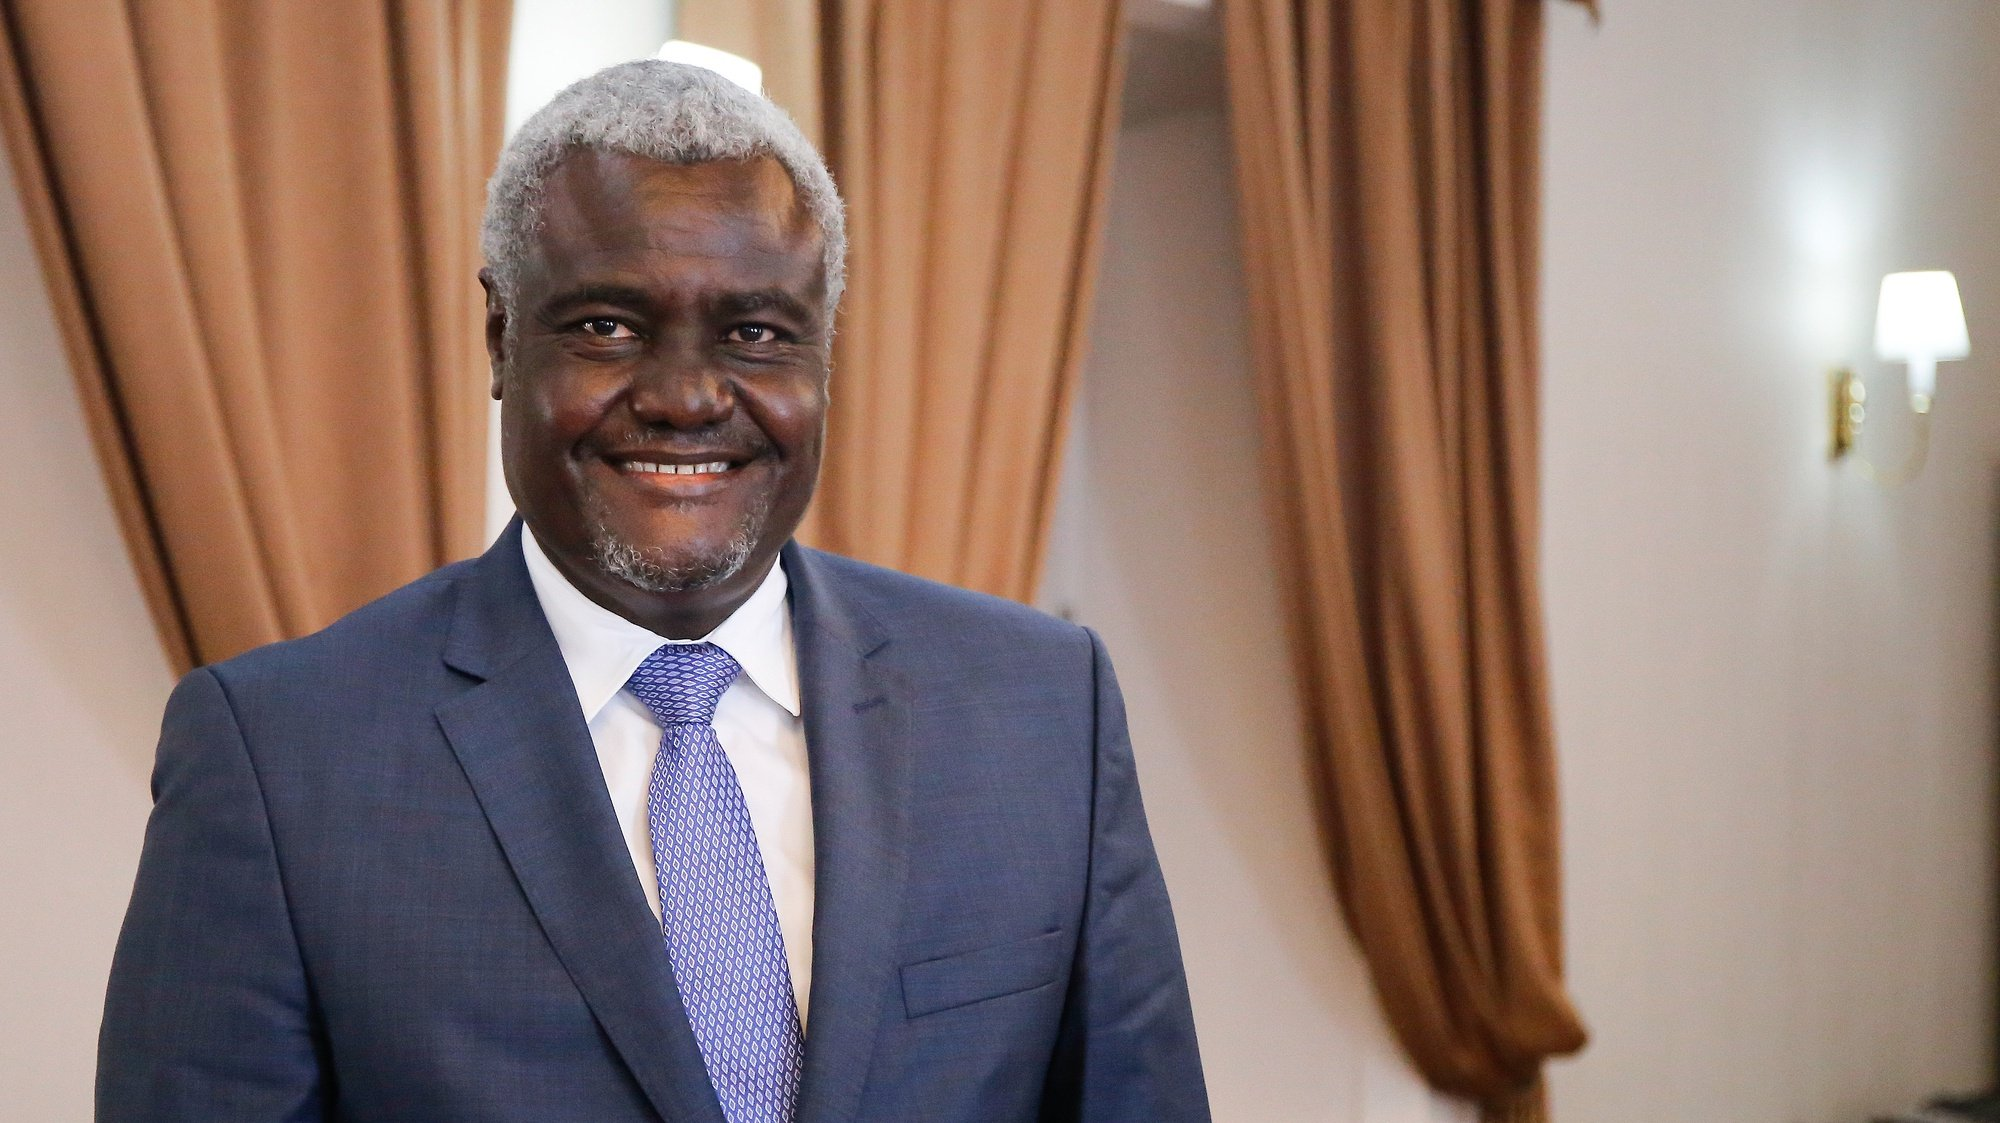 O presidente da União Africana, Moussa Faki Mahamat , no final de um encontro com o Presidente da República de Cabo Verde, Jorge Carlos Fonseca (ausente da fotografia), no Palácio Presidencial na cidade da Praia, Cabo Verde, 26 de janeiro de 2021. ALEJANDRO NOGALES/LUSA